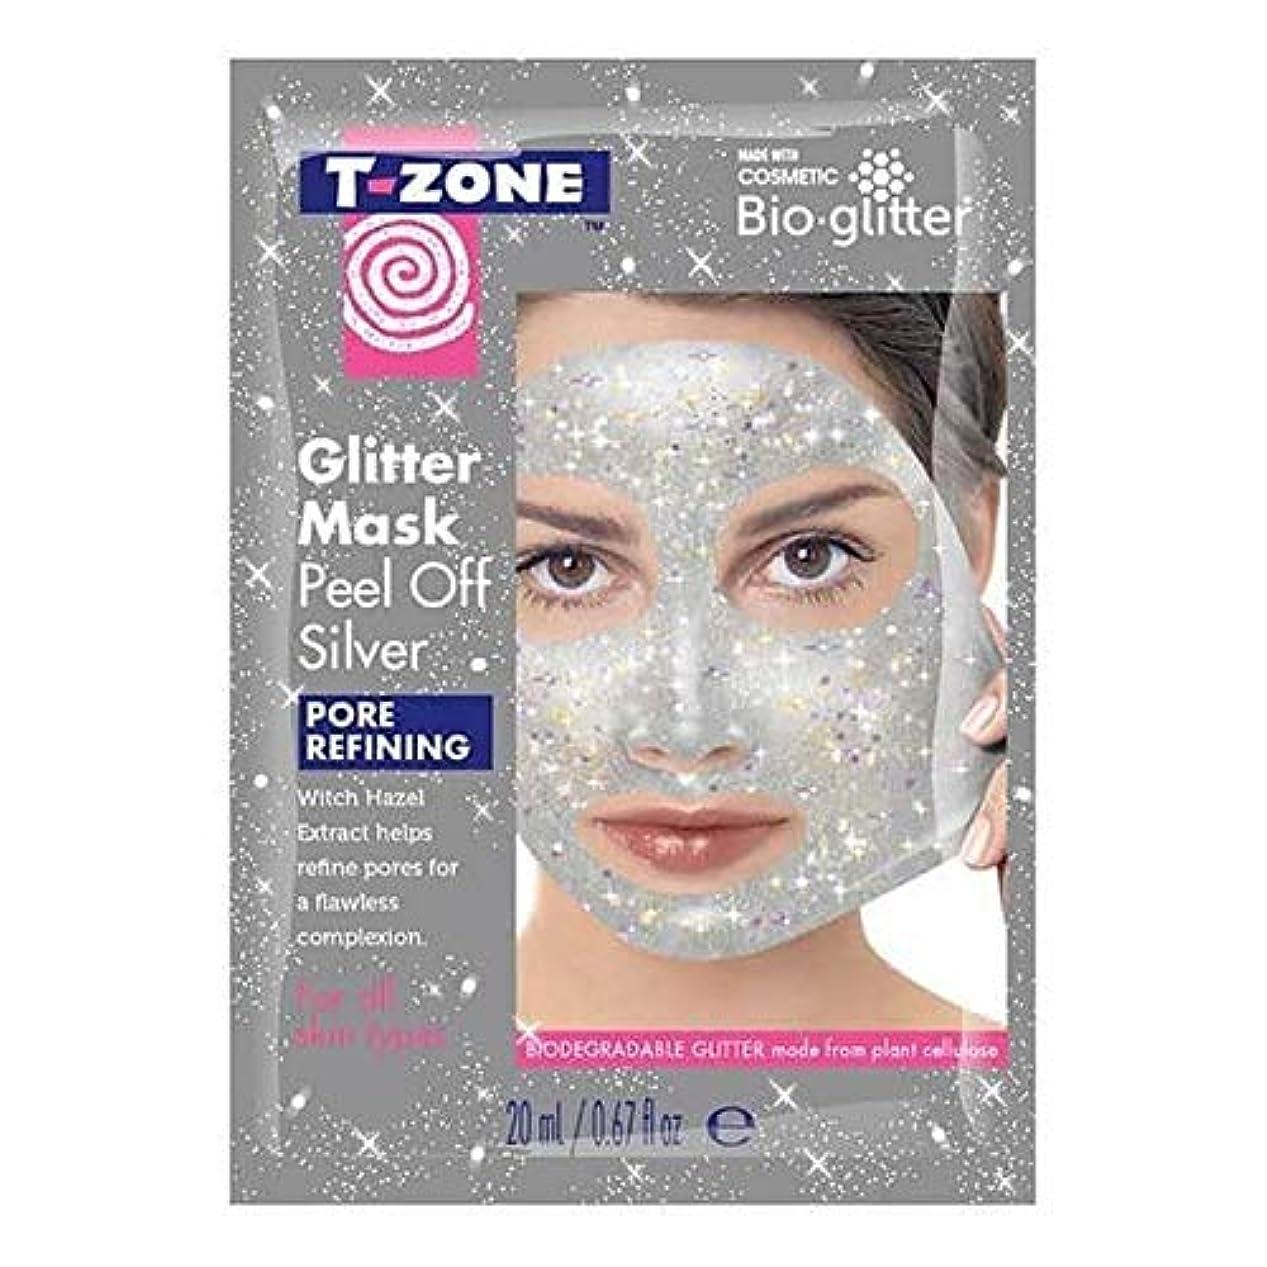 ささいな苛性礼拝[T-Zone] Tゾーンの輝きは、マスクの銀をはがし - T-Zone Glitter Peel Off Mask Silver [並行輸入品]